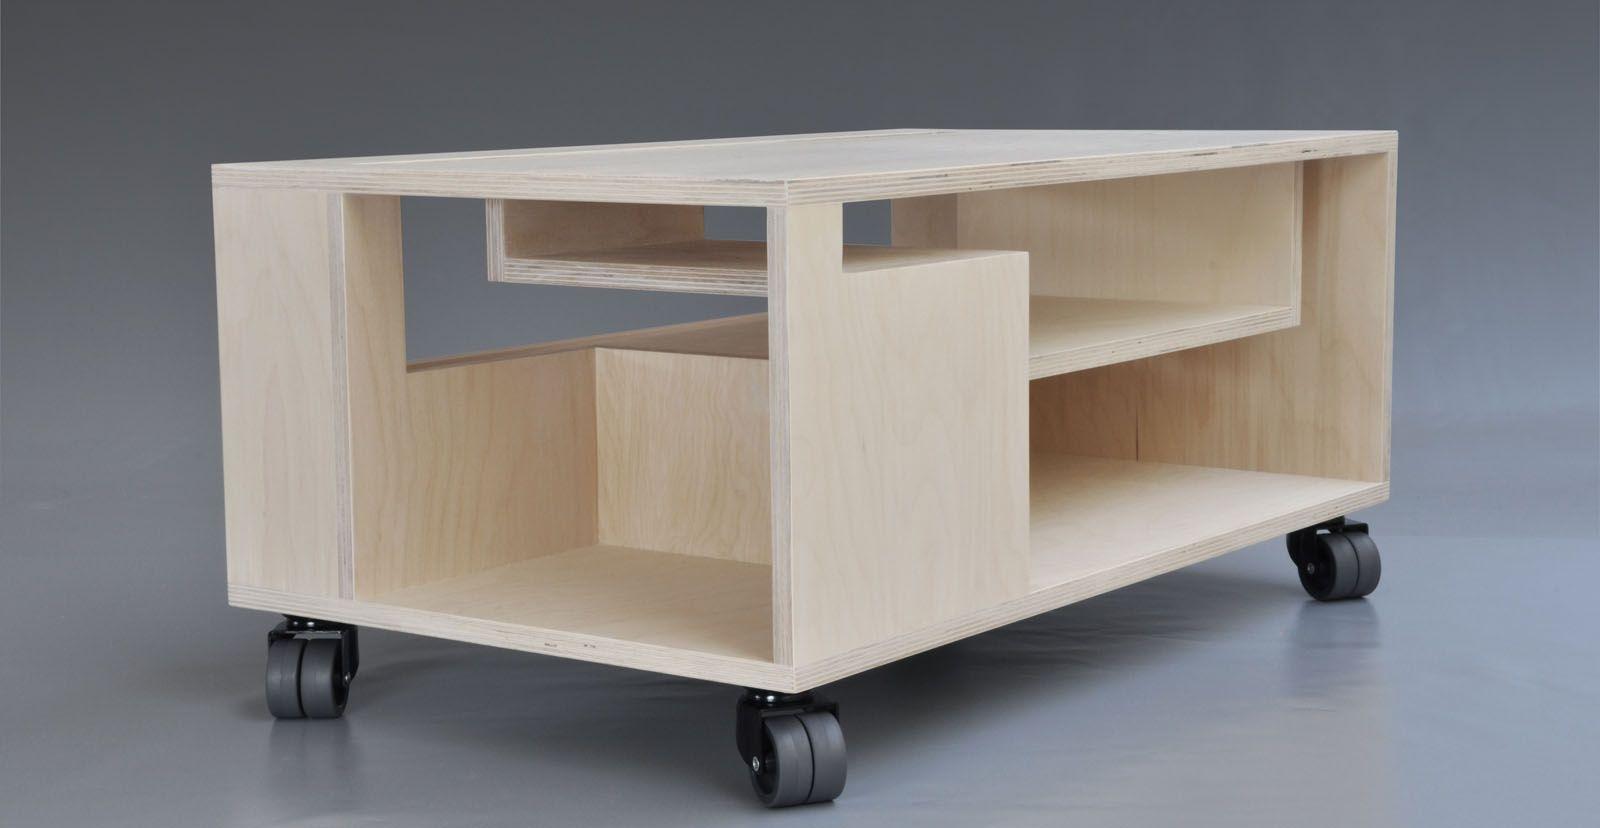 Tv Meubel Wieltjes : Tv meubel klein op wielen multiplex design origineel te